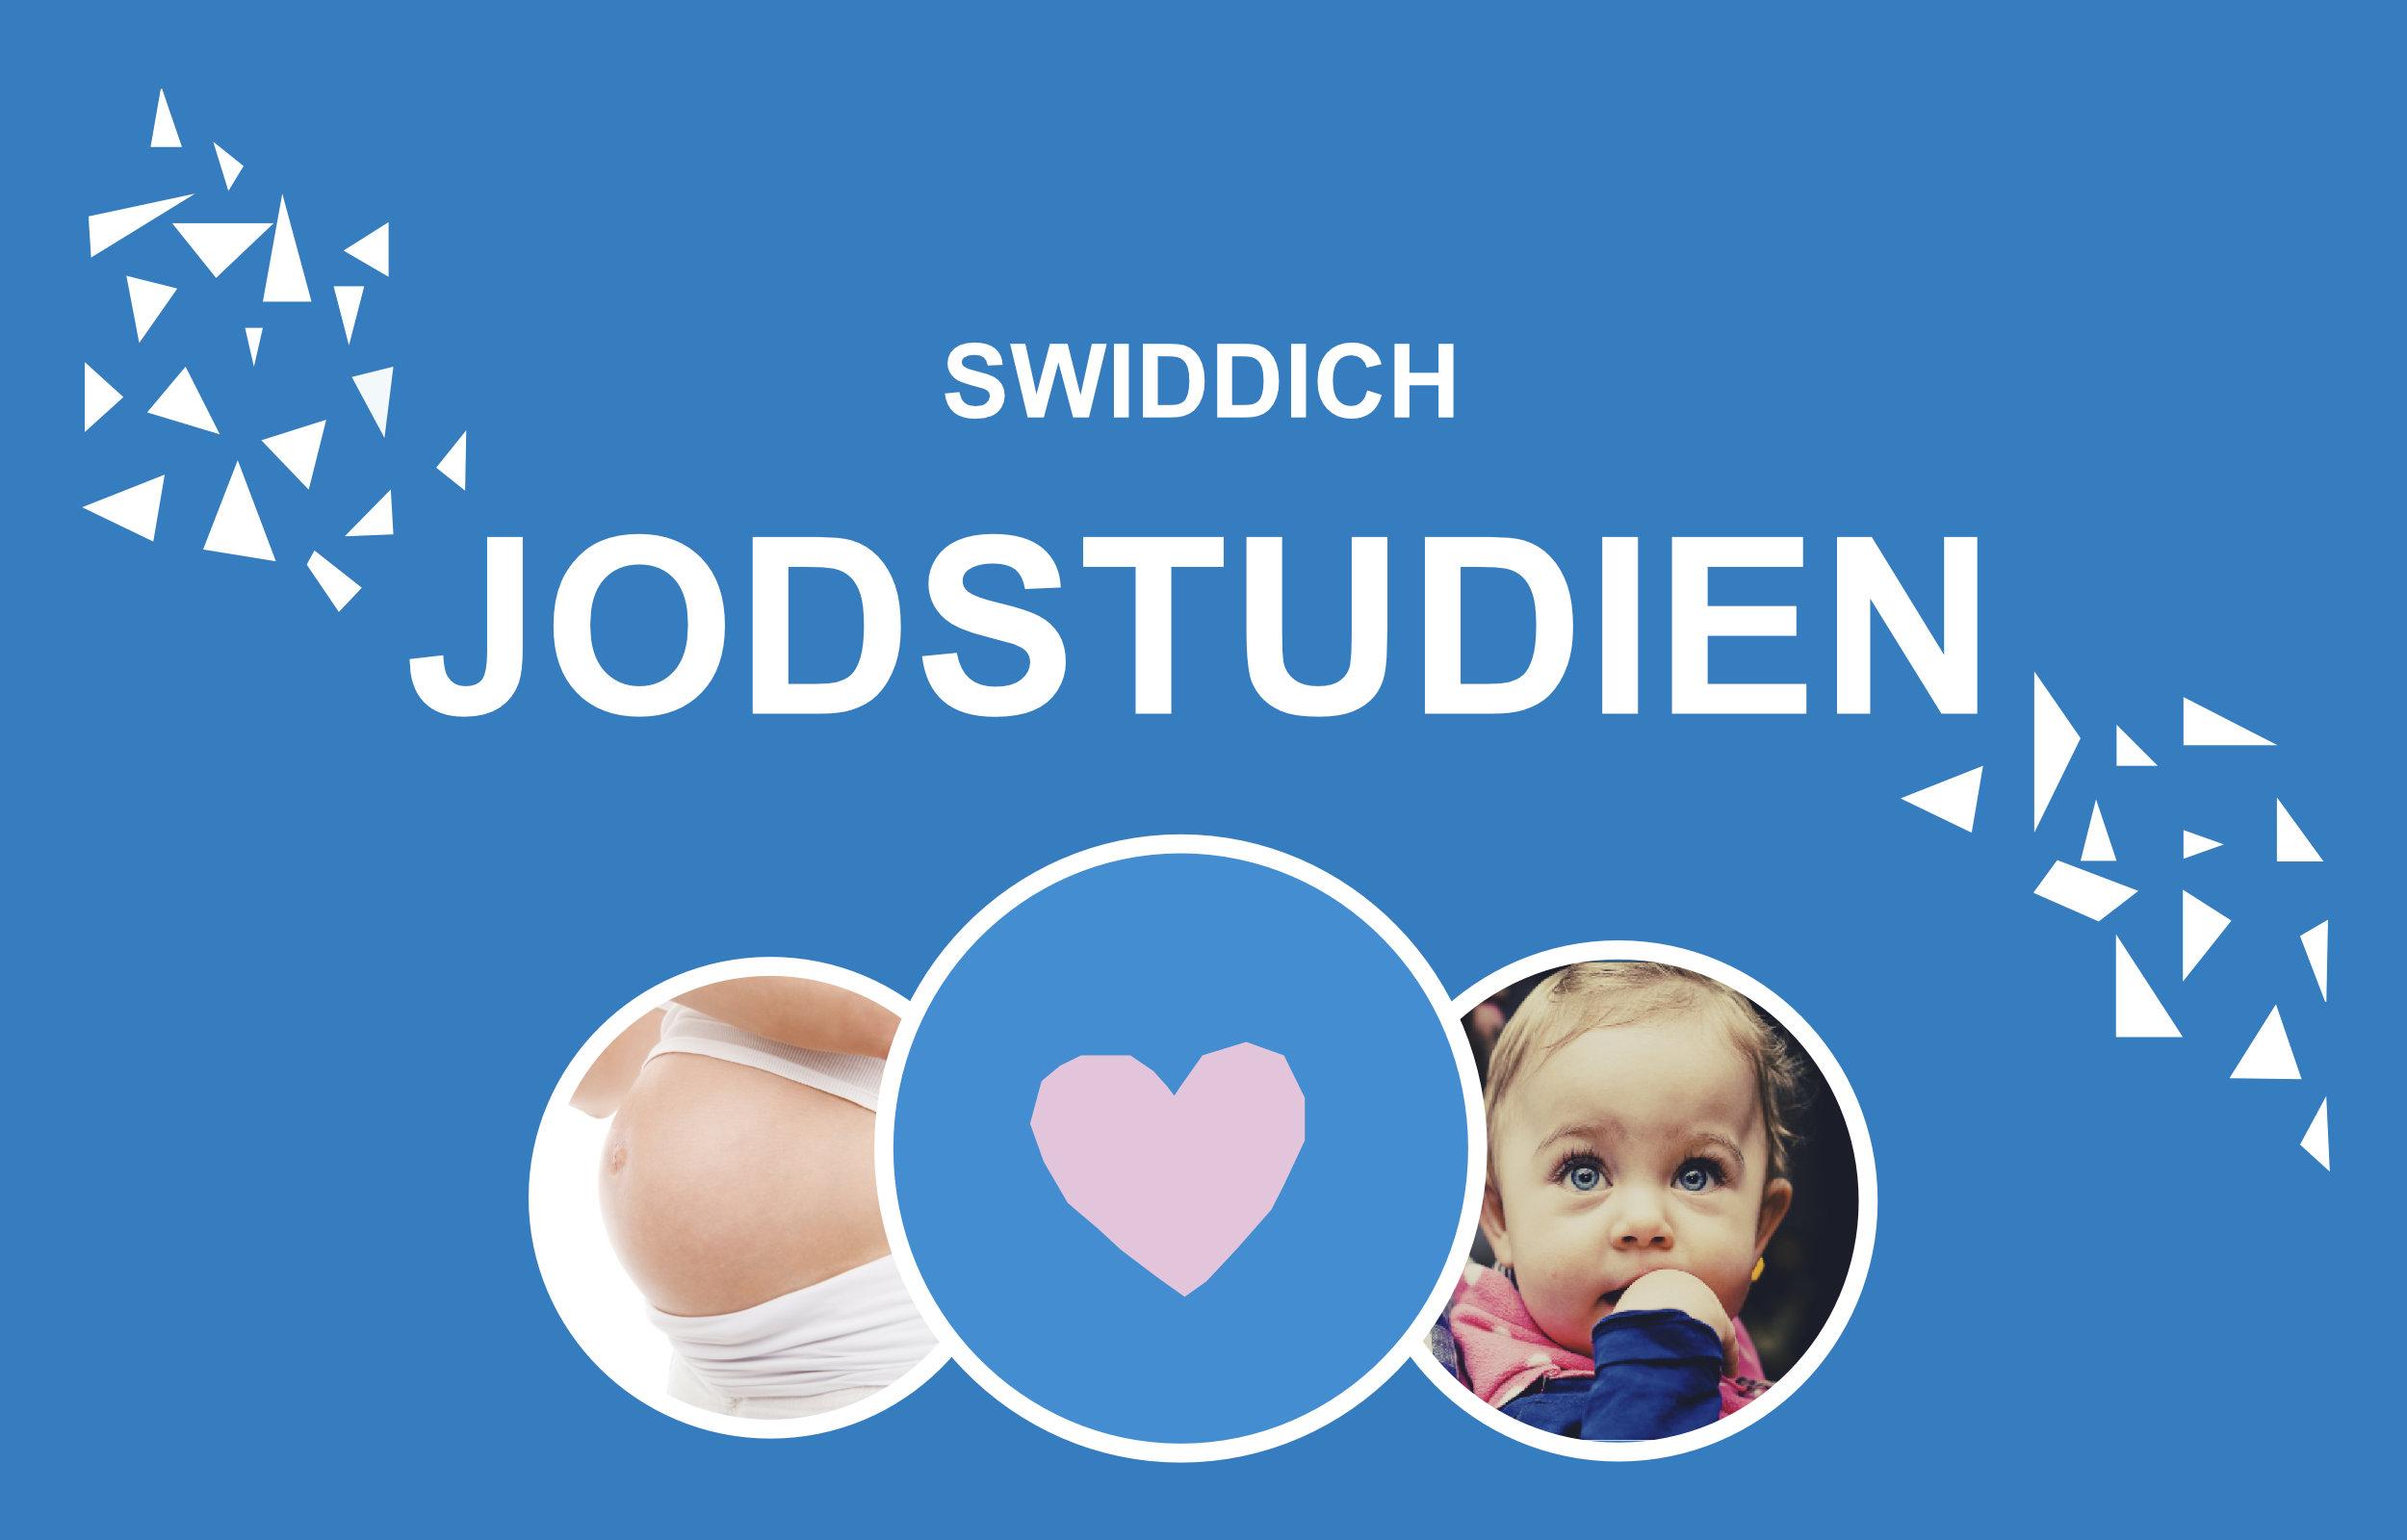 SWIDDICH - Jodstudien